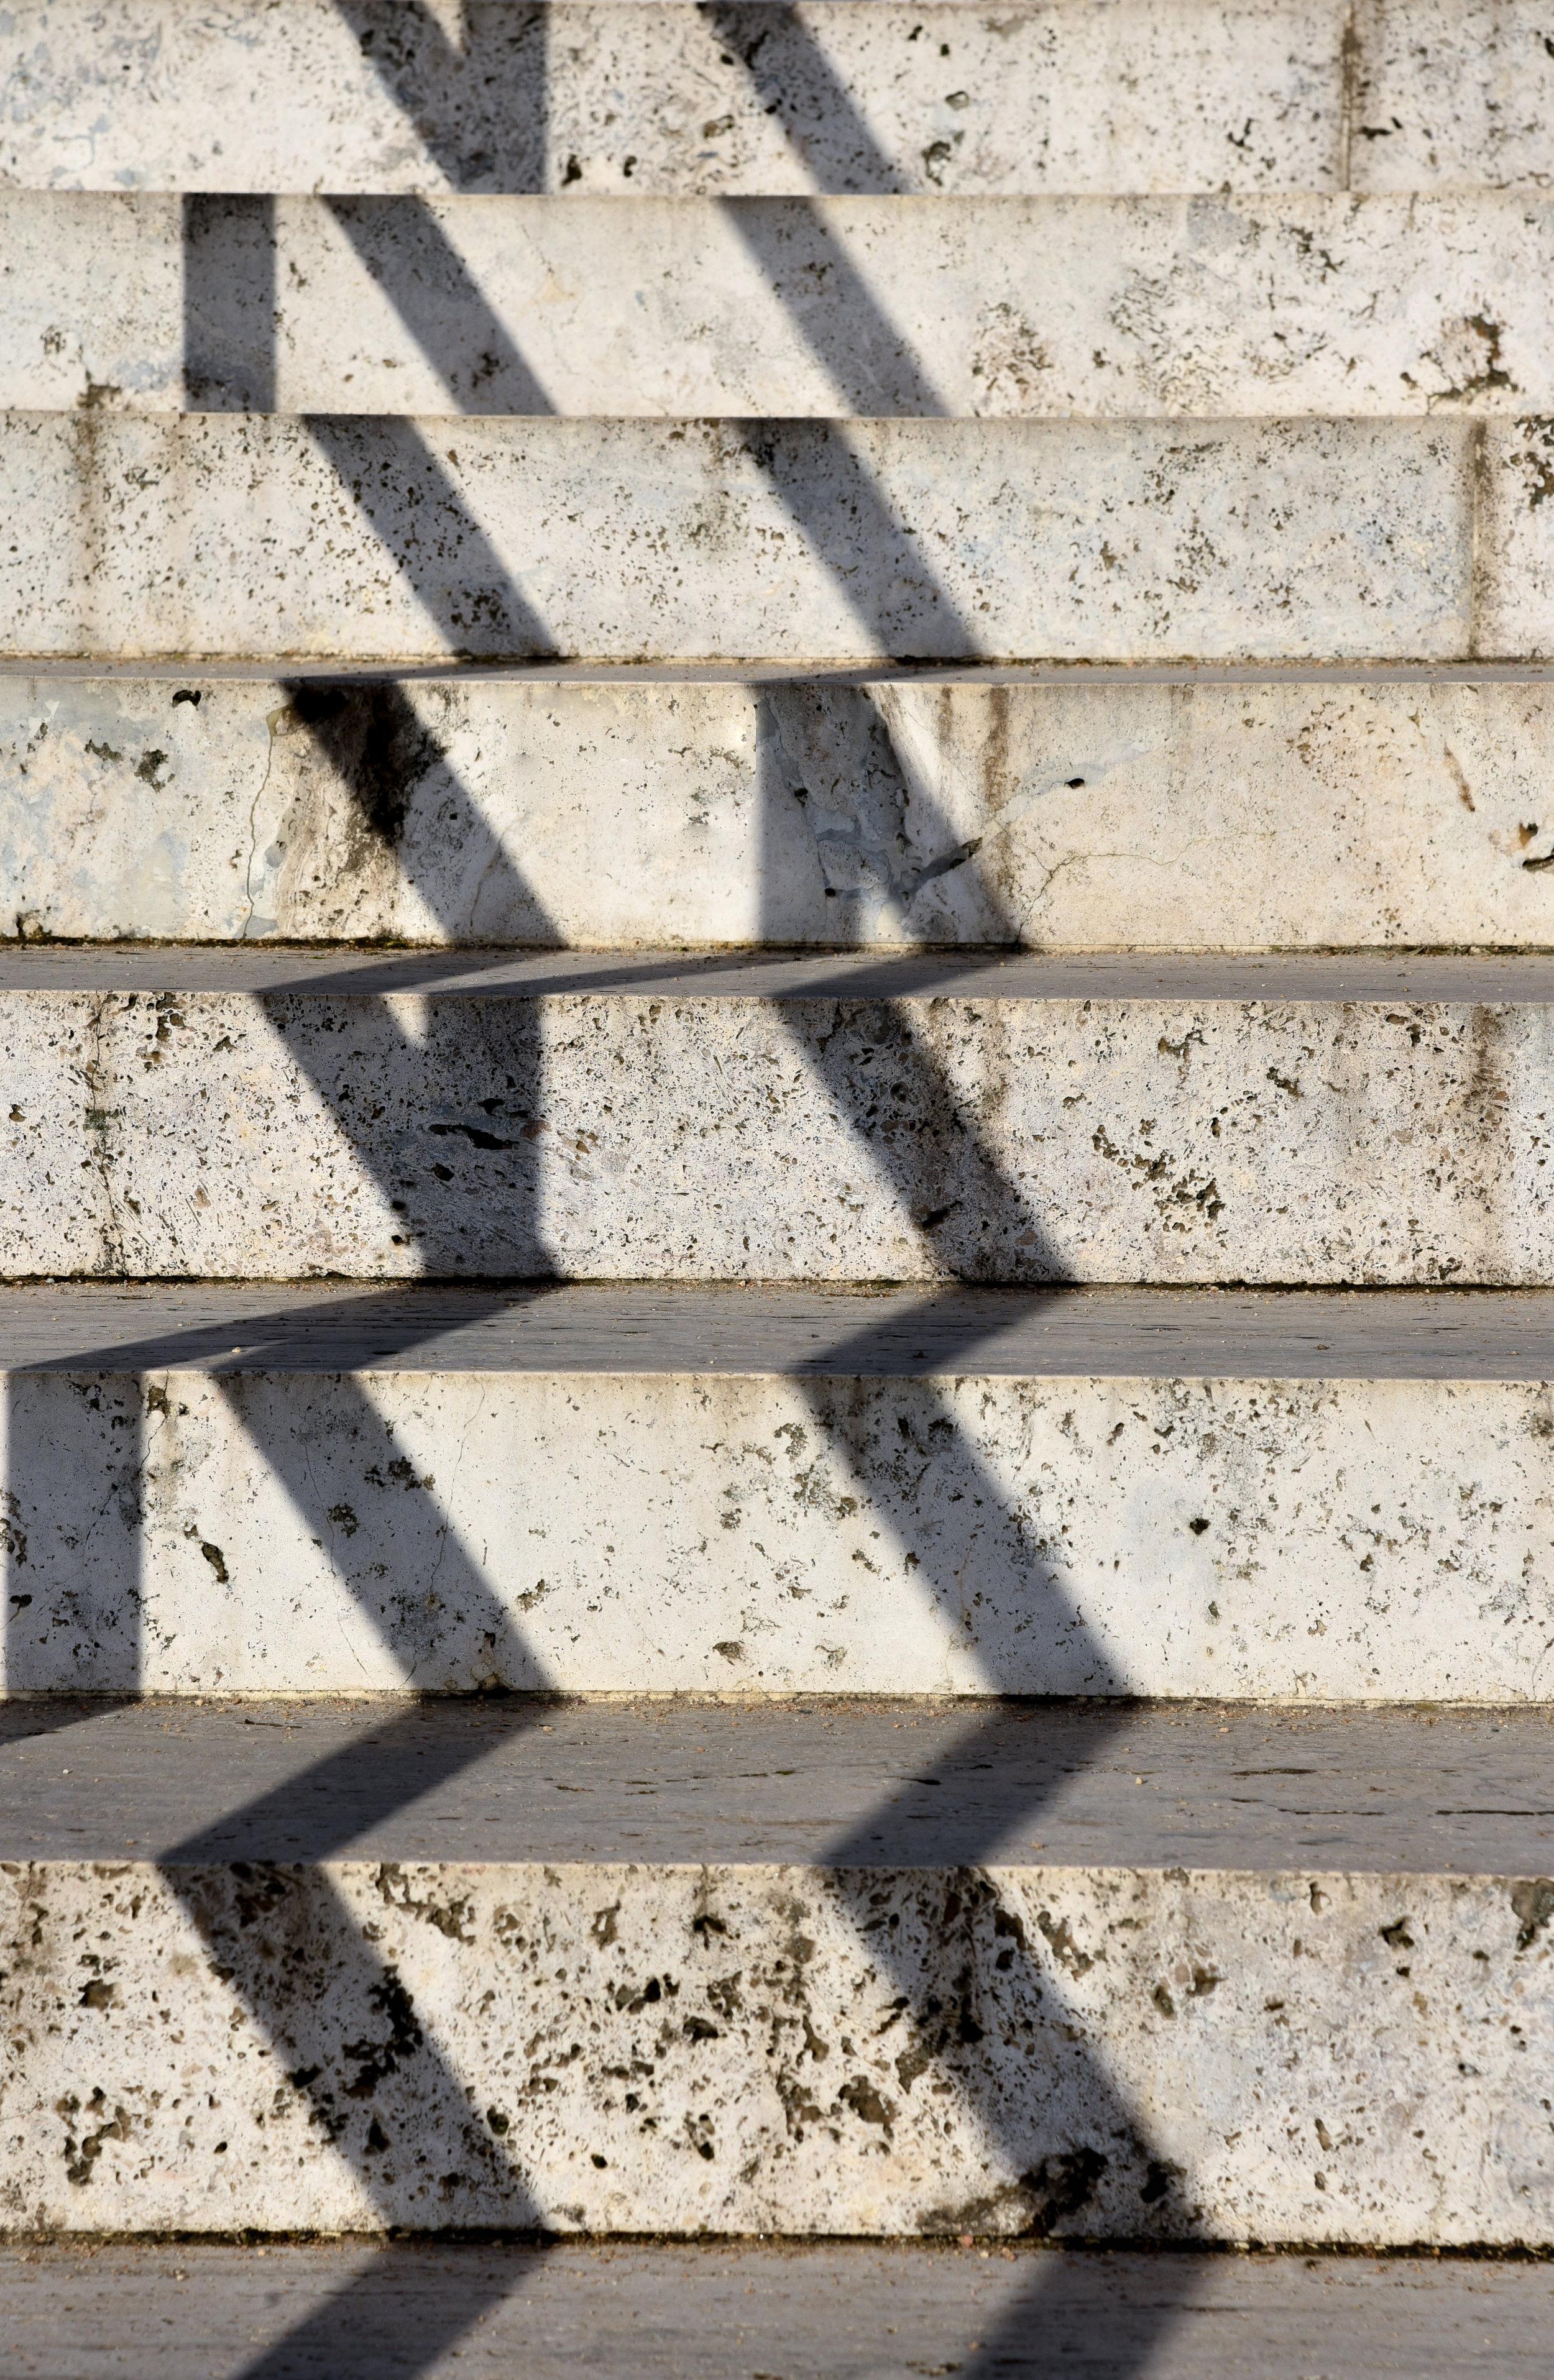 TRAVERTINE STAIRS DOWN TO GARDEN PATH